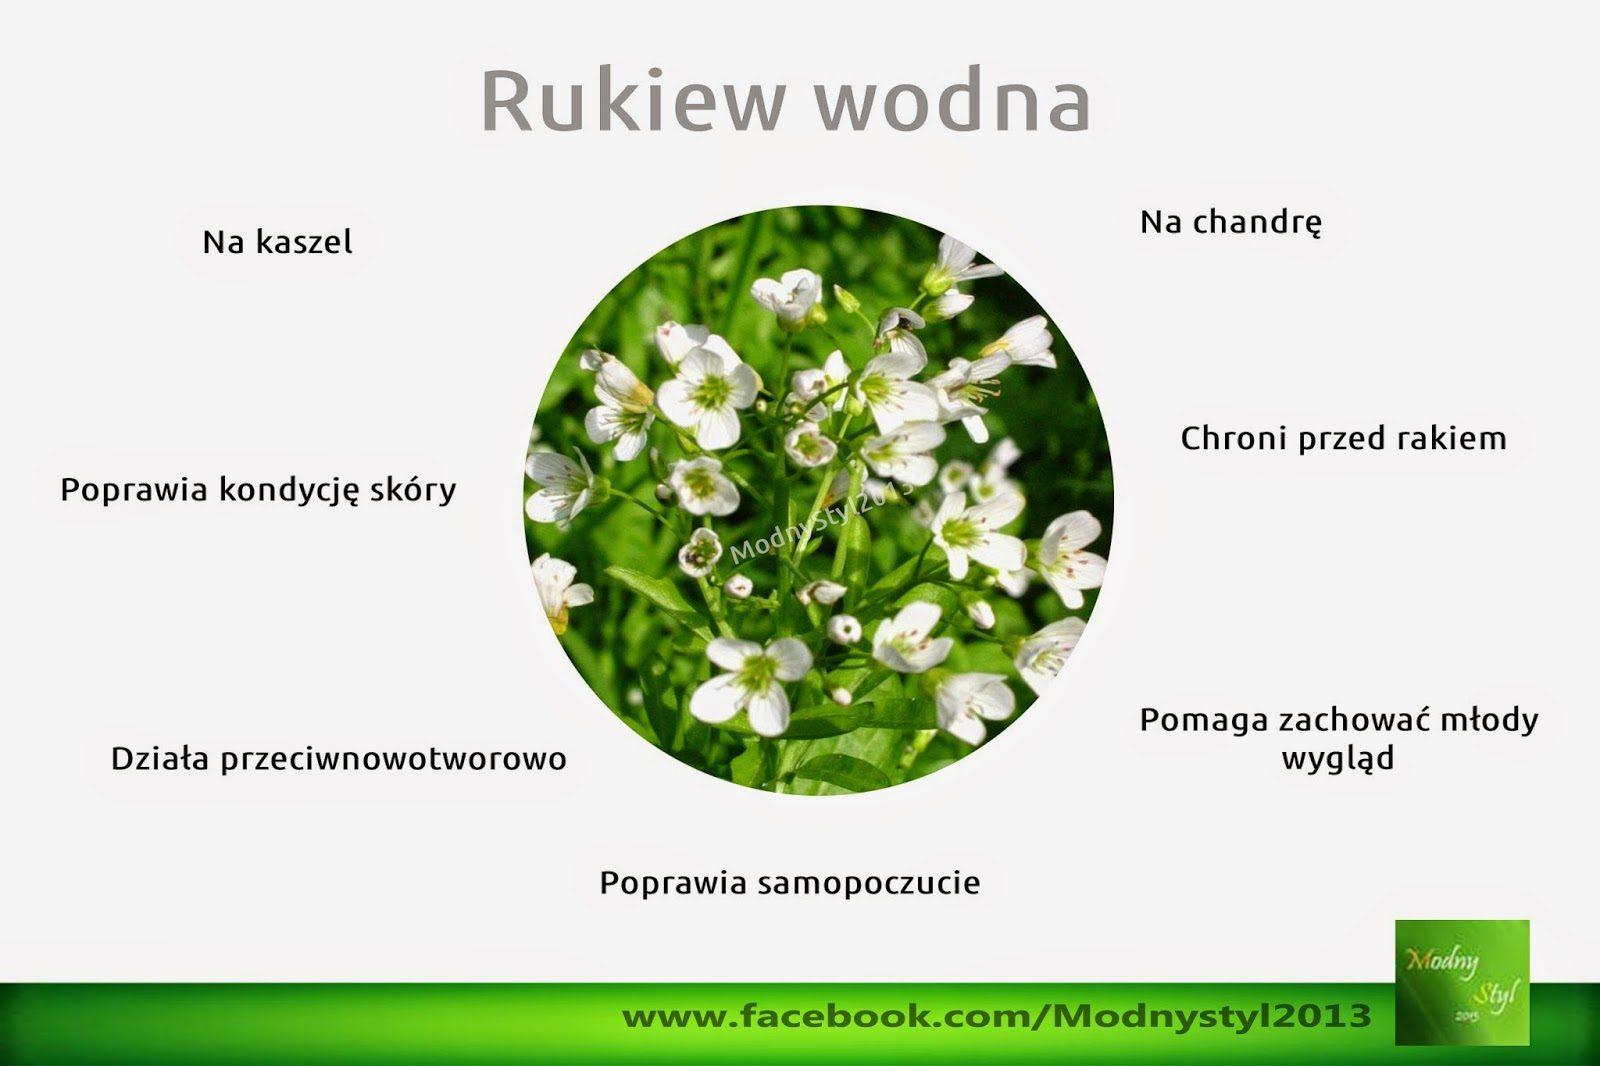 rukiew2bwodna-7144050